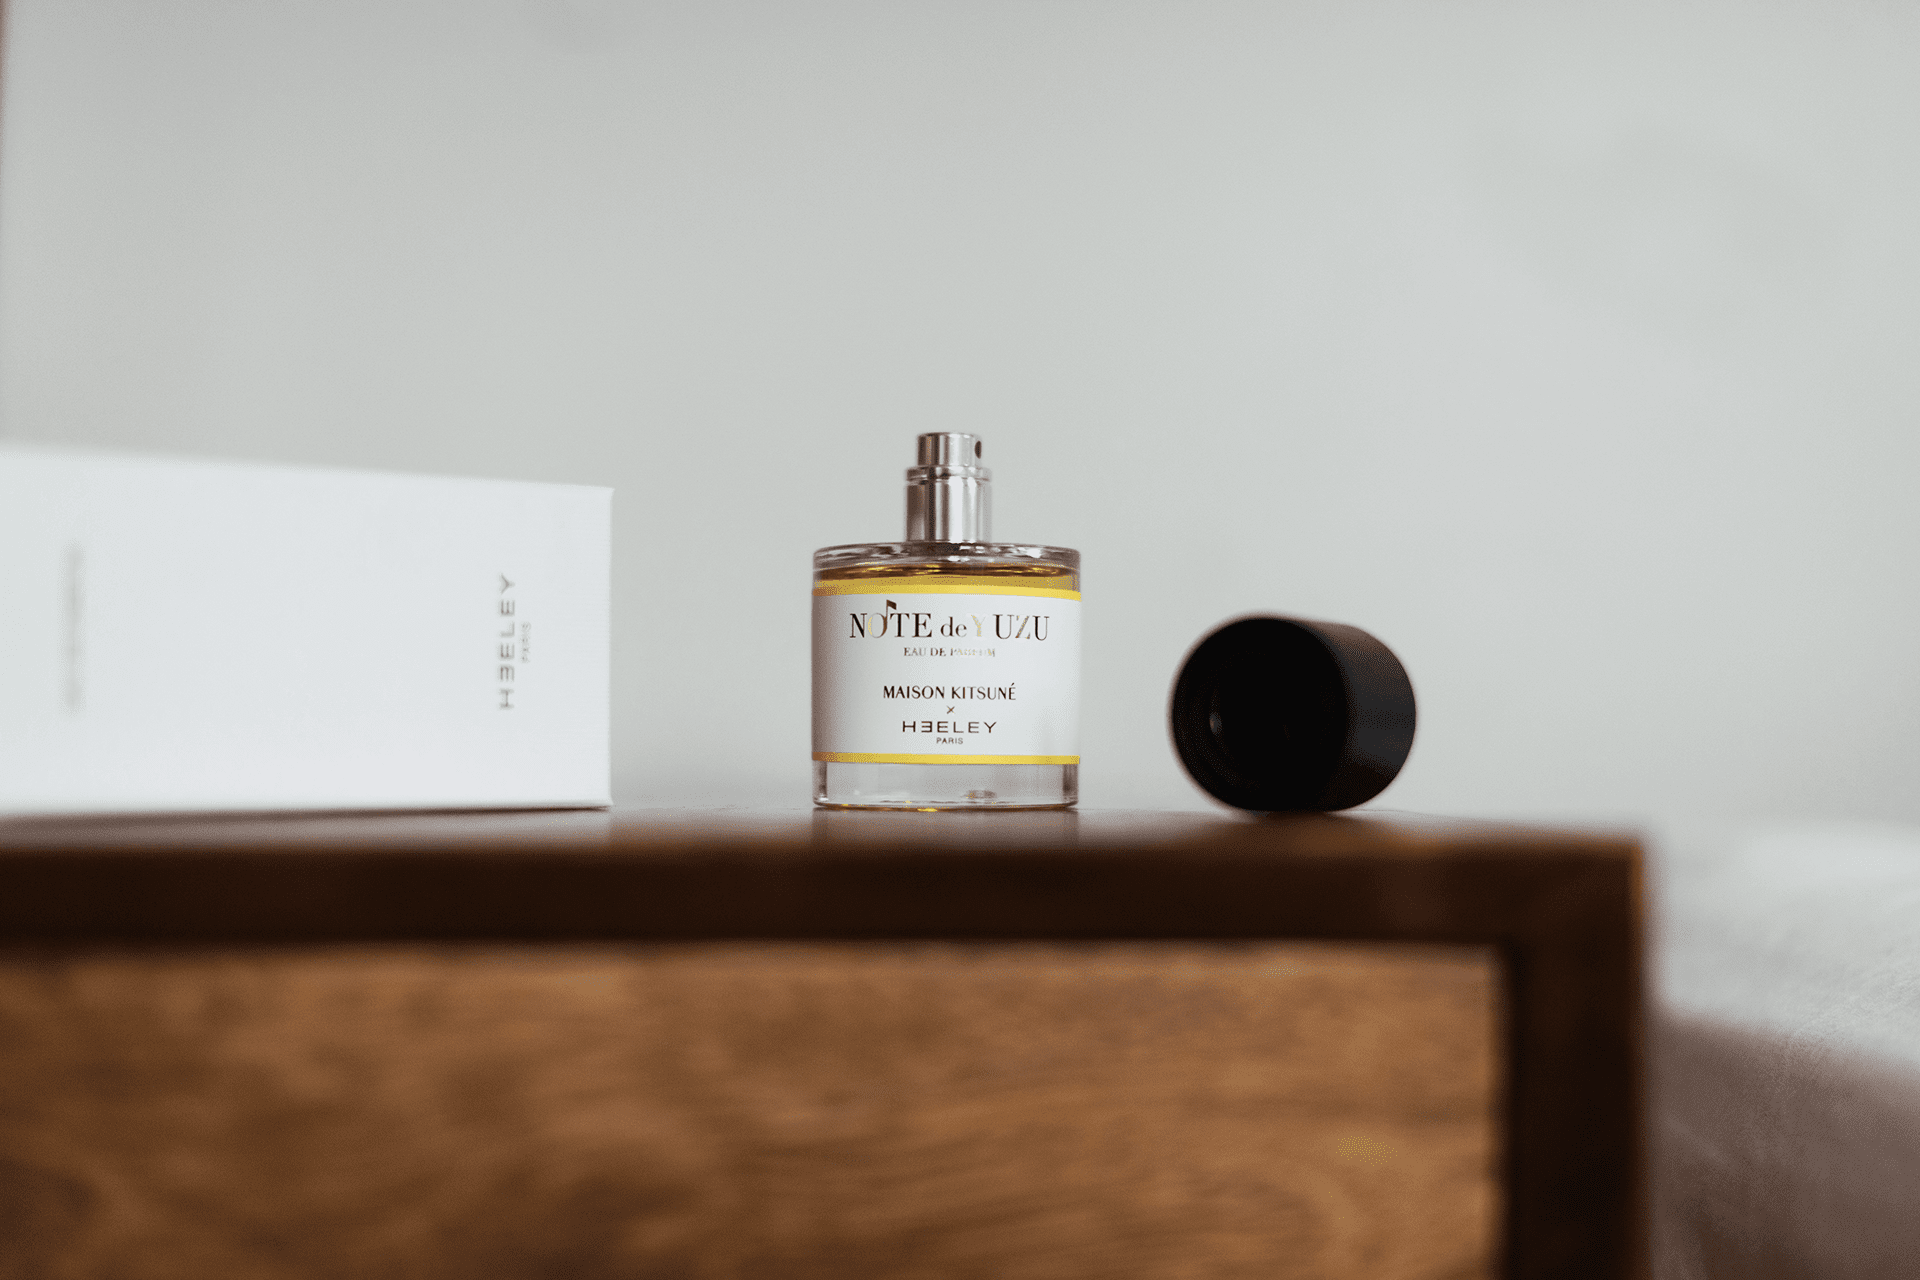 Note de yuzu eau de parfum by maison kitsun and heeley for Augmenter pression eau maison